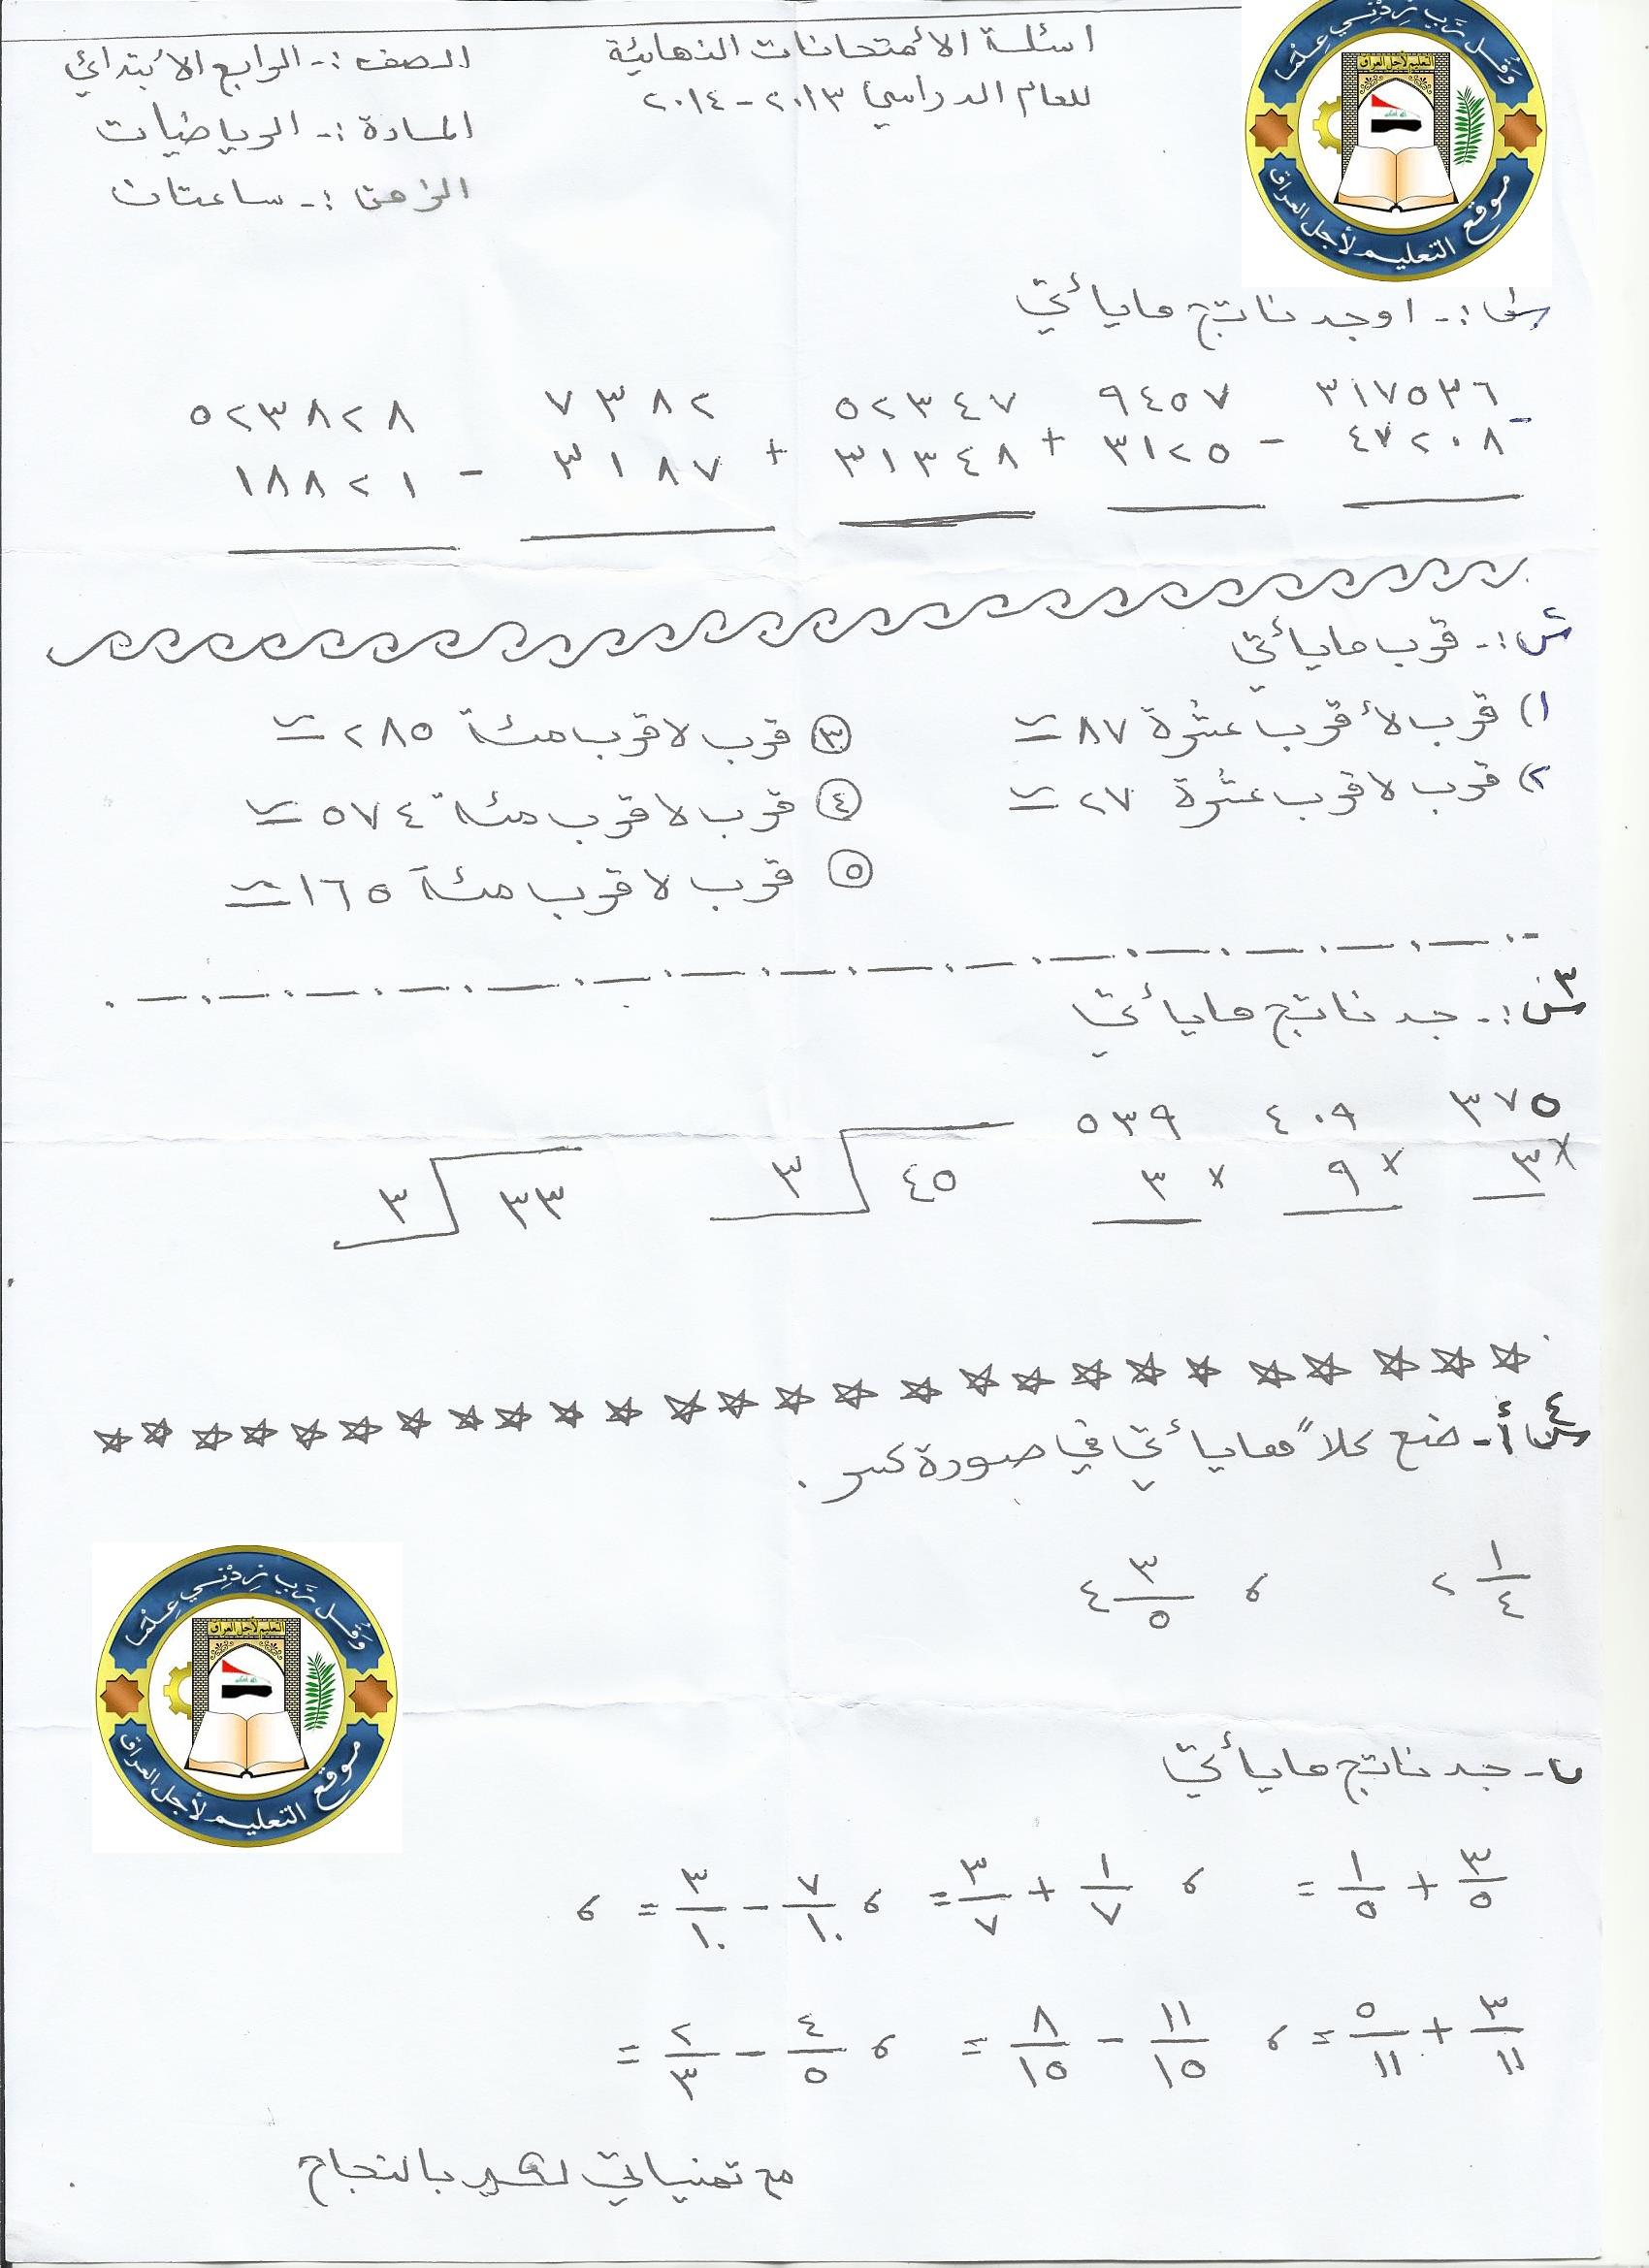 رياضيات الرابع الابتدائي.jpg